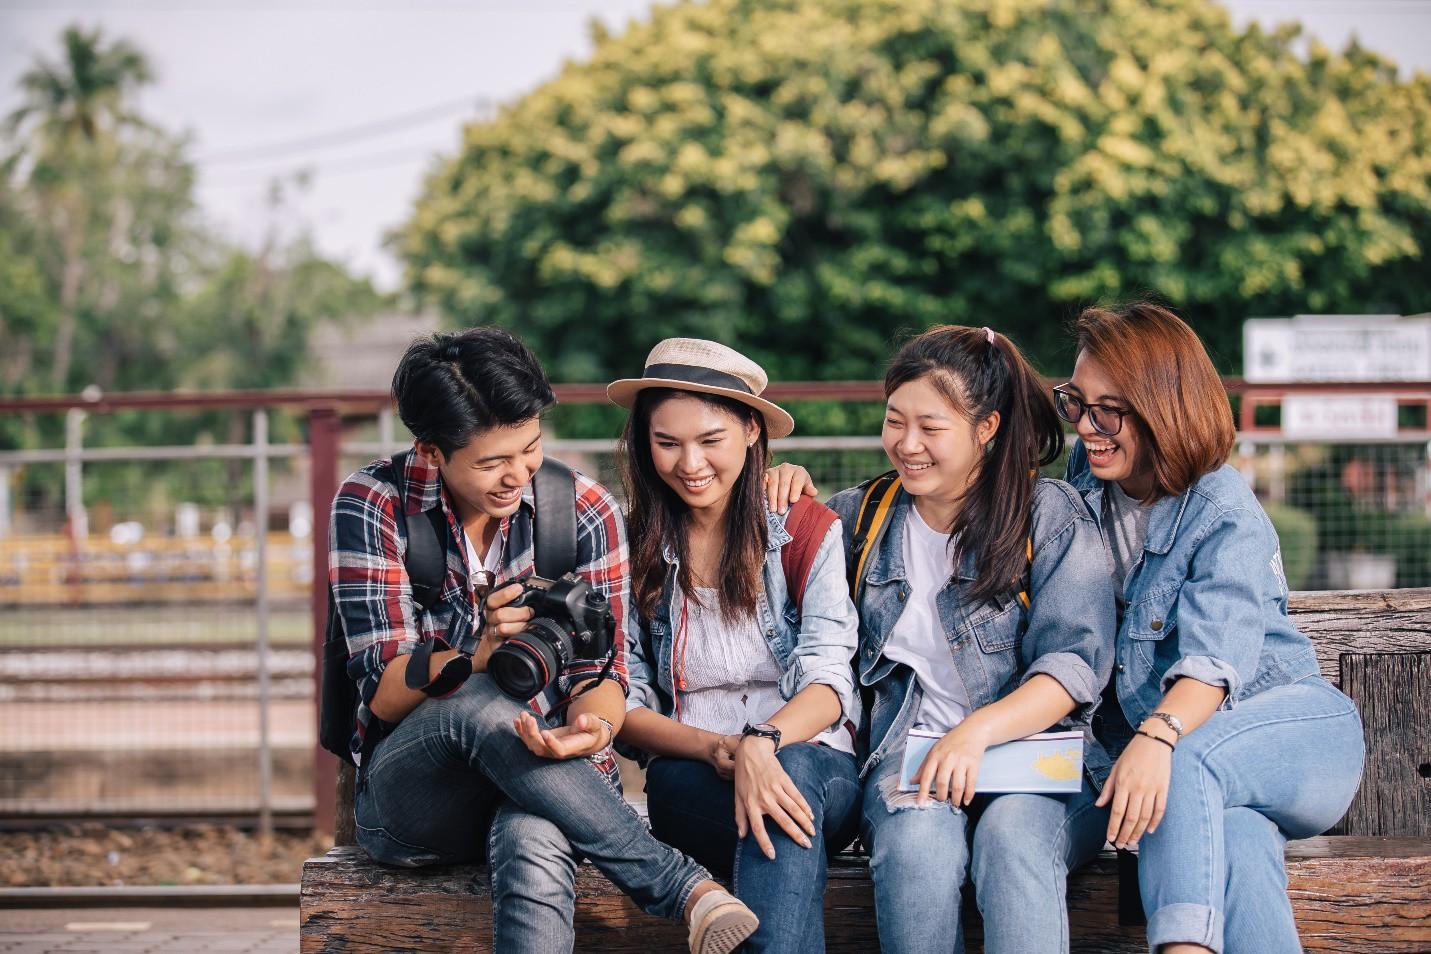 ana mandara huế - photo 2 15586004749241519799222 - Để trẻ trải nghiệm mùa hè tại Ana Mandara Huế